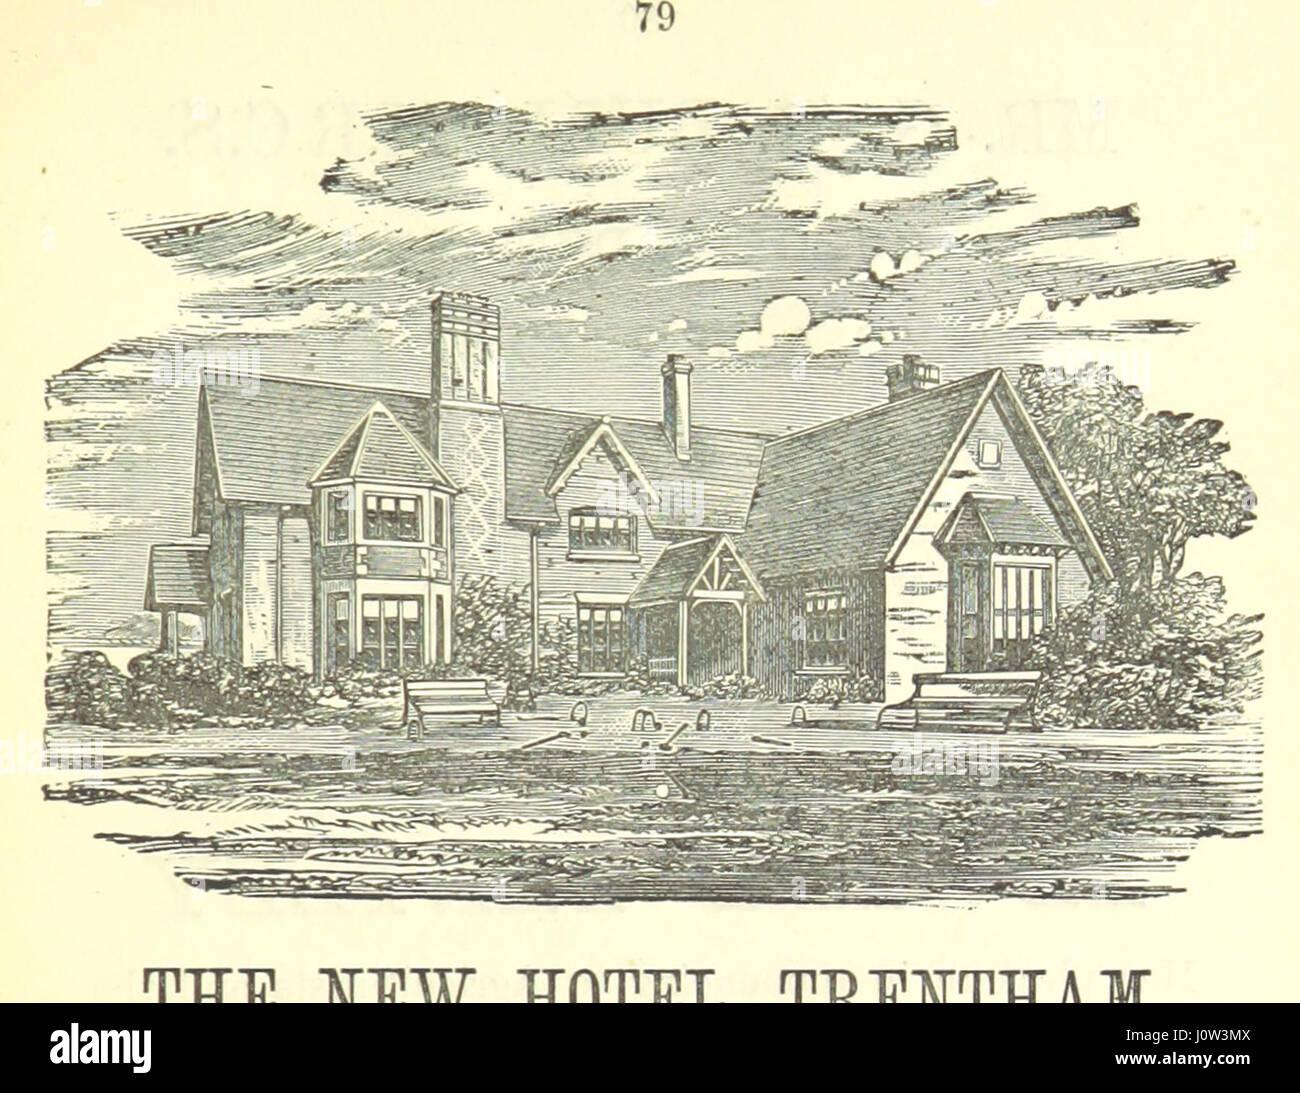 Vitesse datant de Newcastle sous Lyme